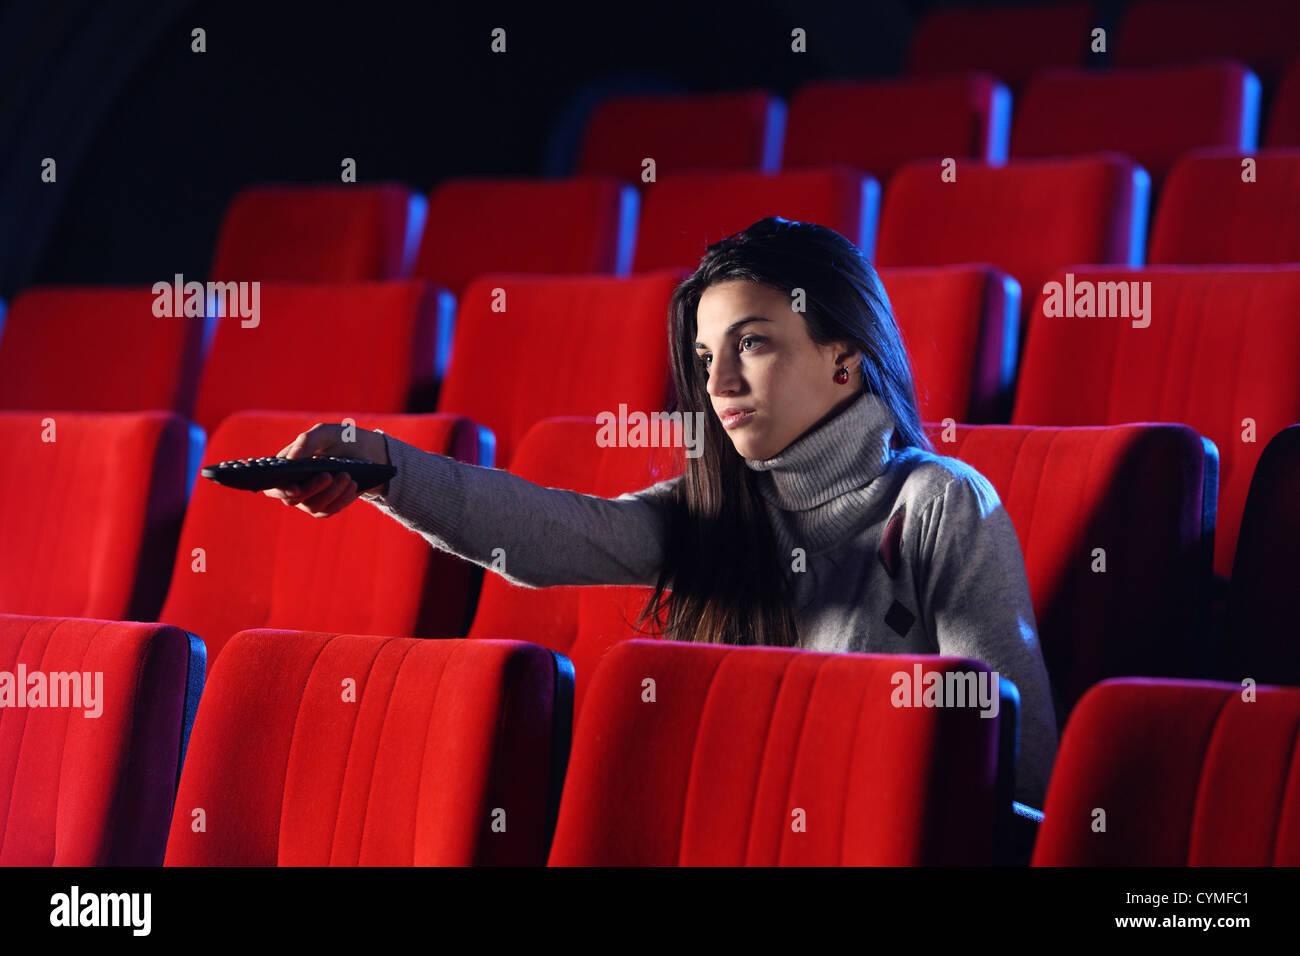 eine junge Frau mit einer TV-Fernbedienung, können Sie im Hintergrund die roten Stühle in einem Kino sehen. Stockbild